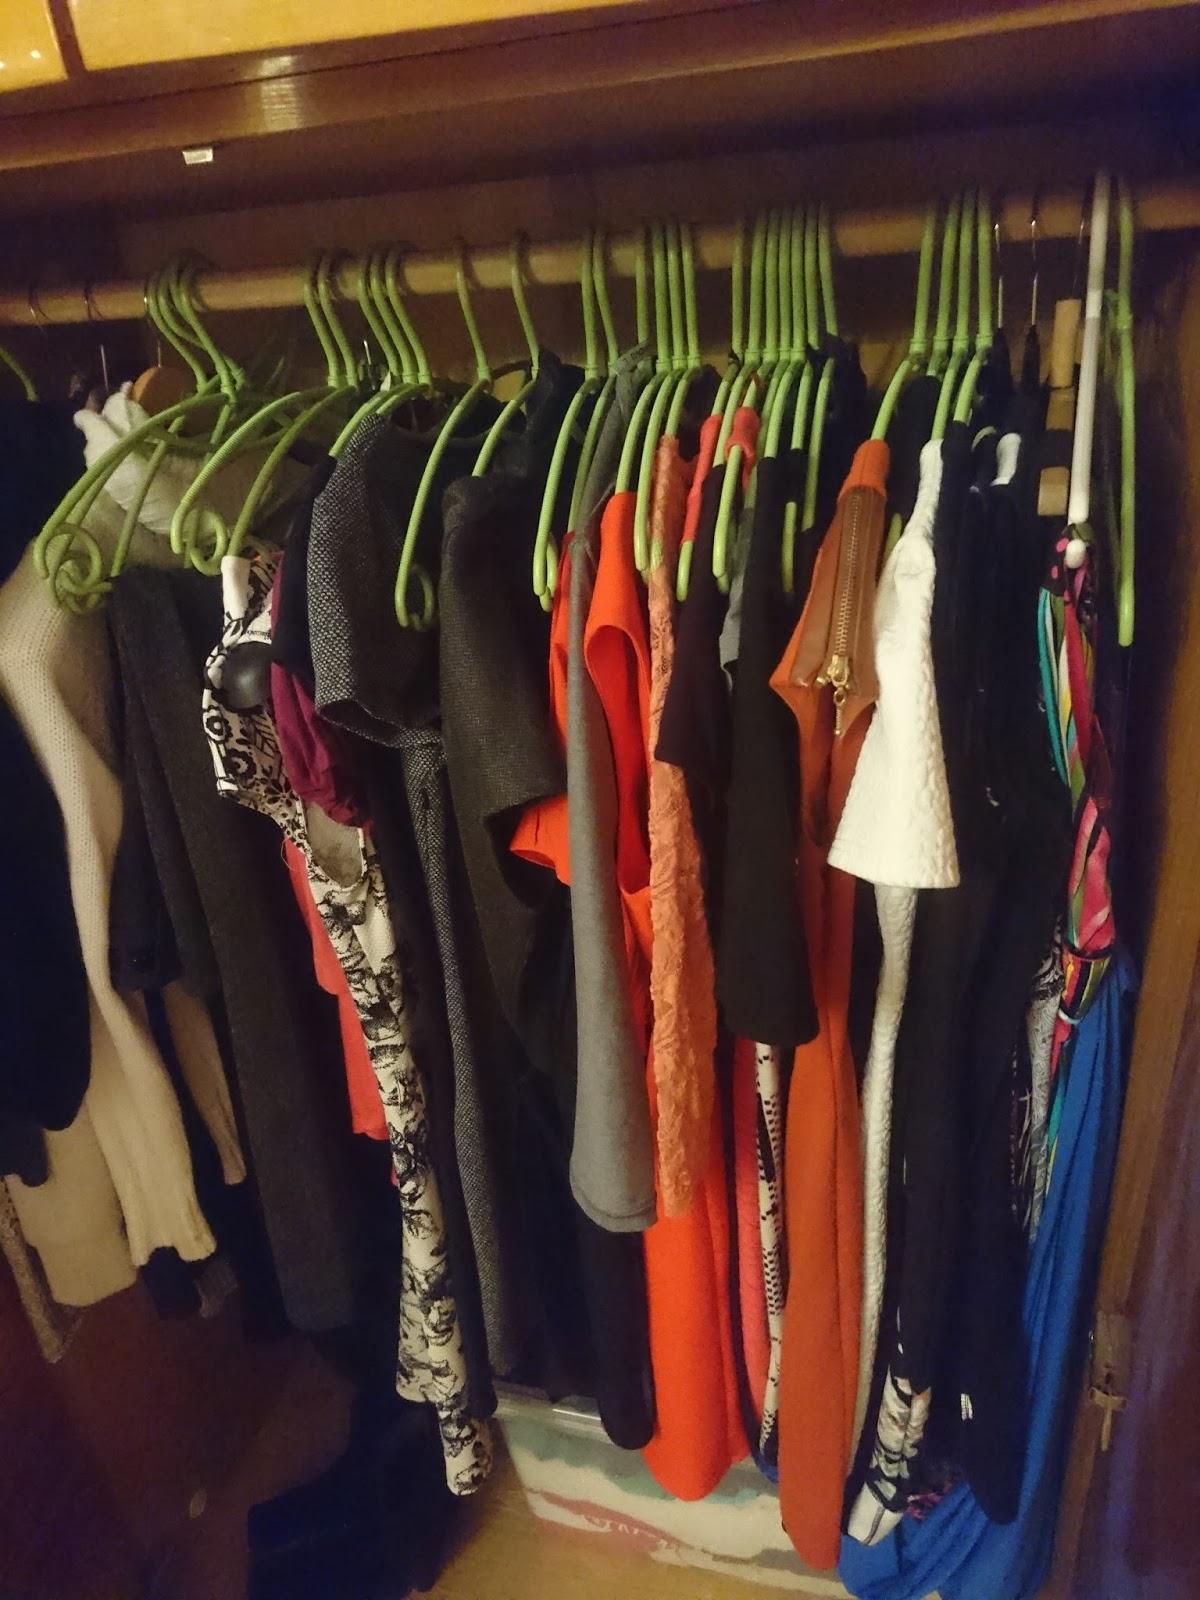 1d7ada6ec76 Lugesin kleidid üle. Kapis on 34 kleiti, ilmselt on mõned veel kuskil, mis